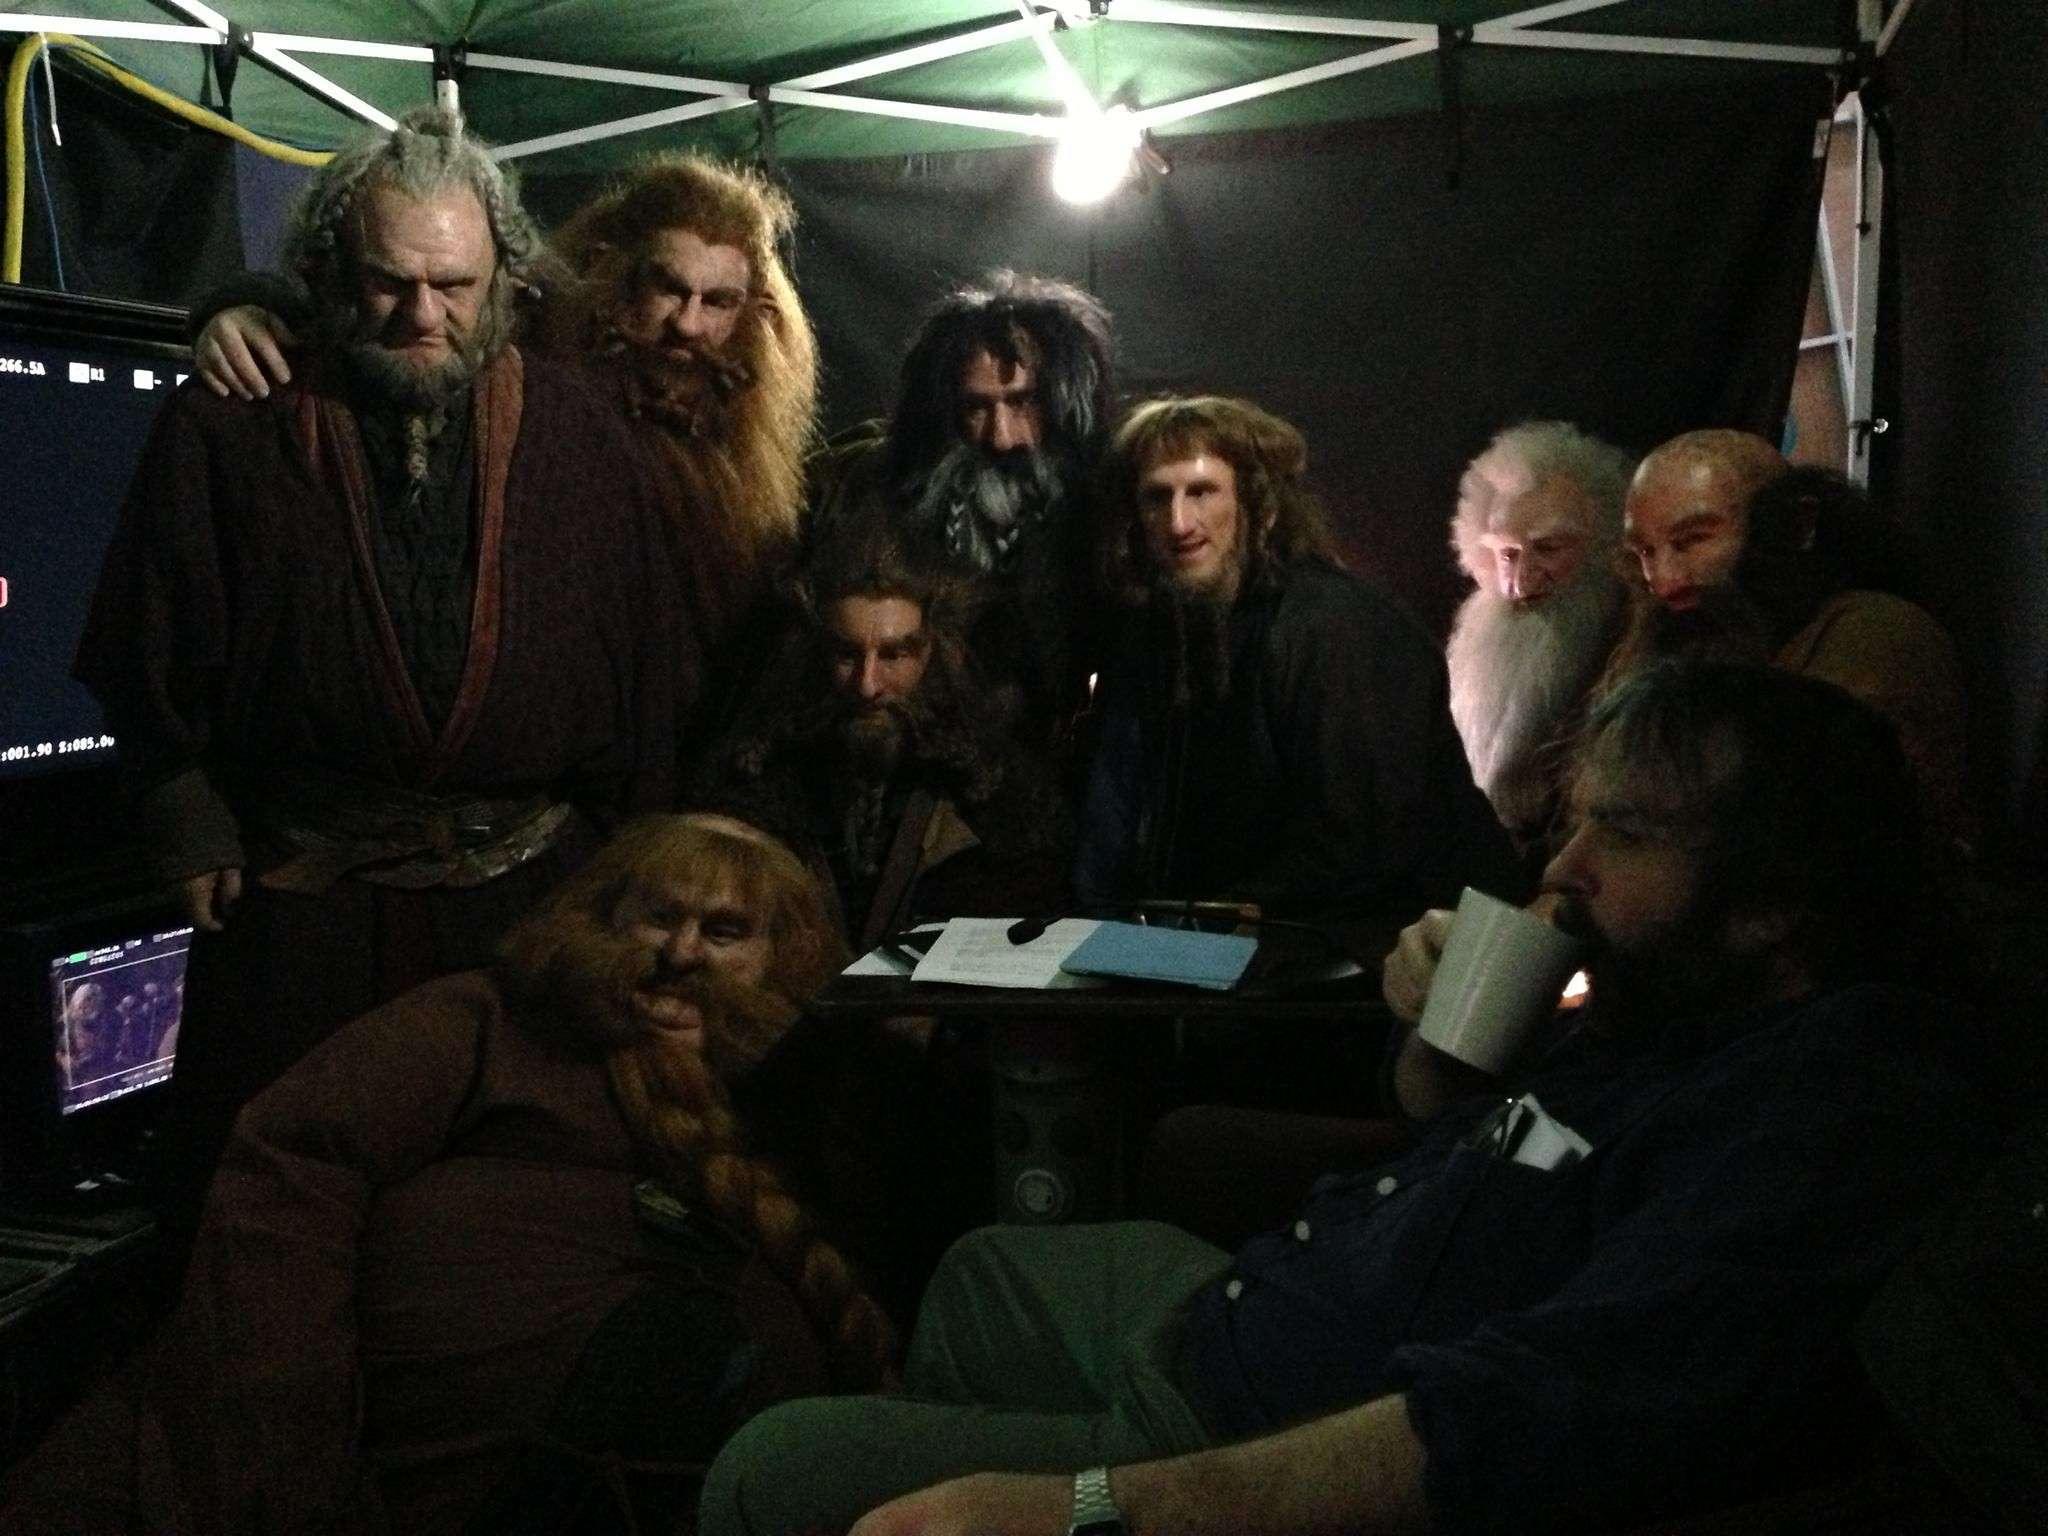 Le Seigneur des Anneaux / The Hobbit #3 Peter_13